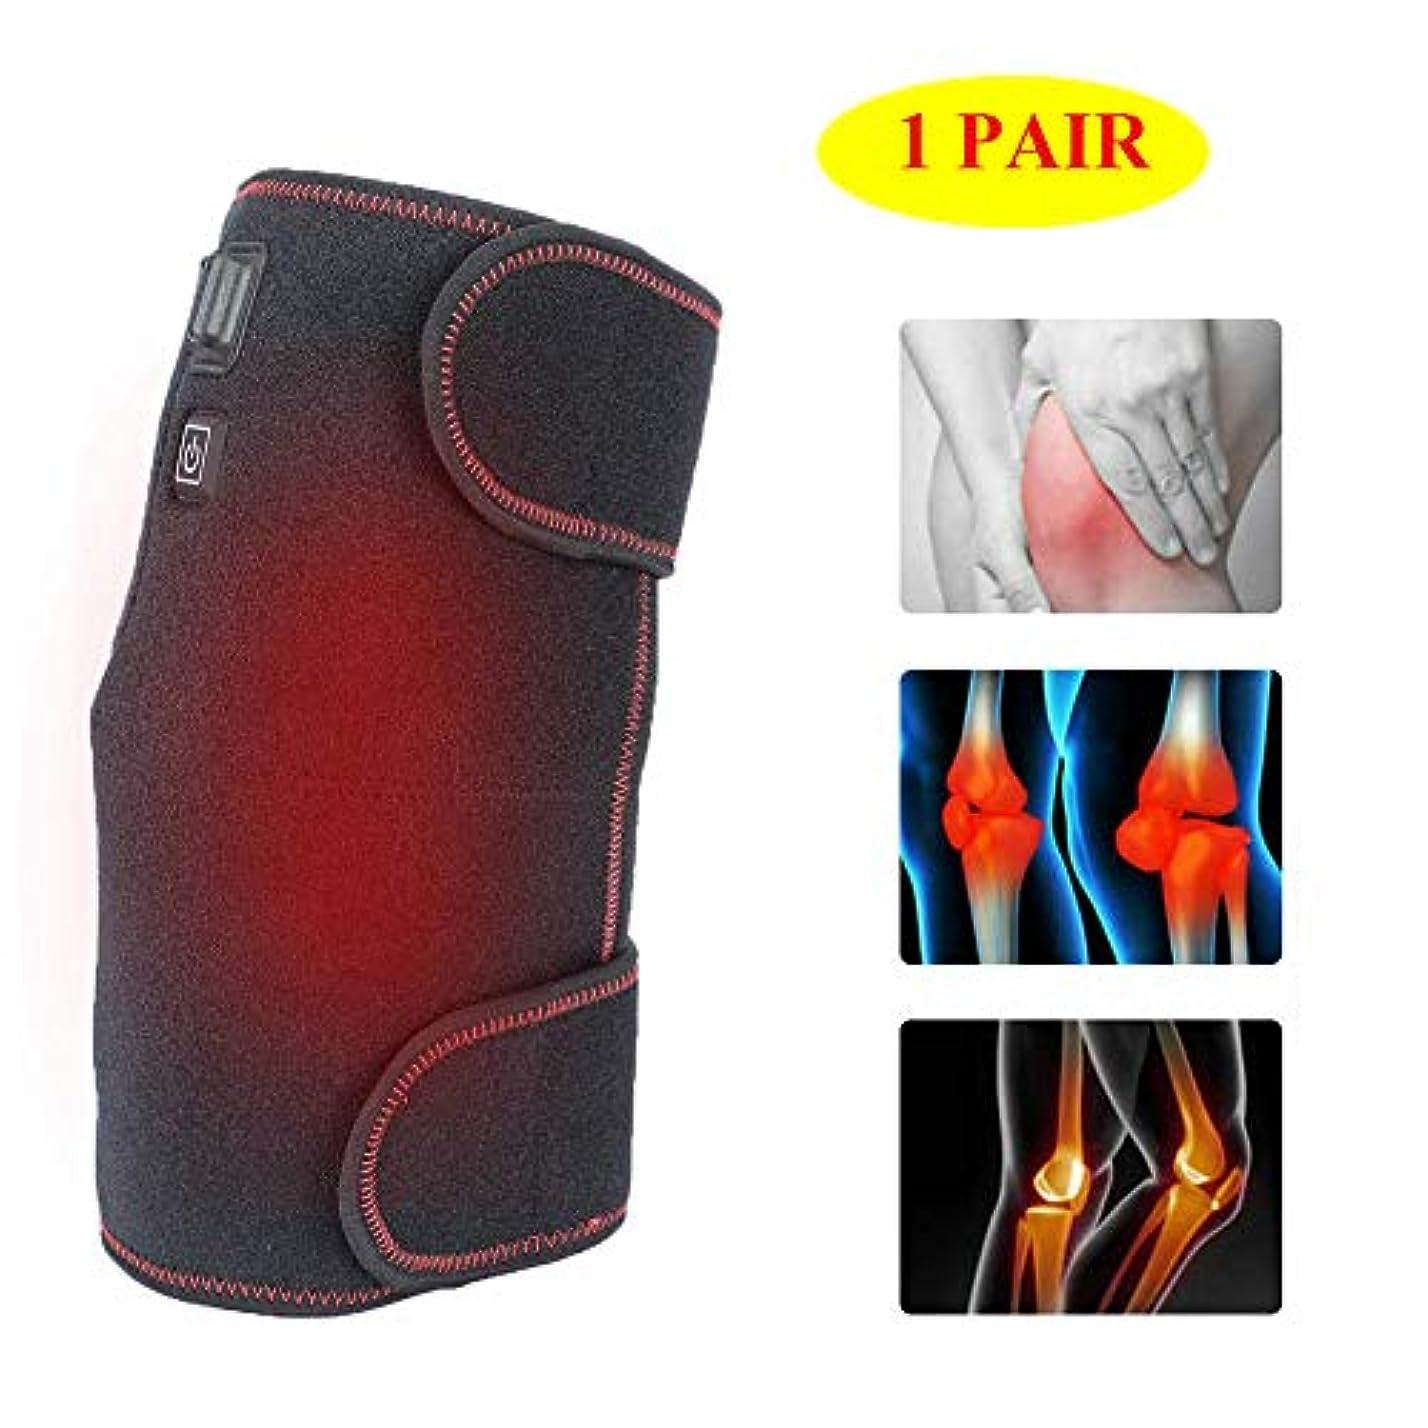 スラダム飼い慣らす味加熱膝ブレースサポート1ペア - USB充電式膝暖かいラップ加熱パッド - 療法ホット圧縮3ファイル温度で膝の傷害